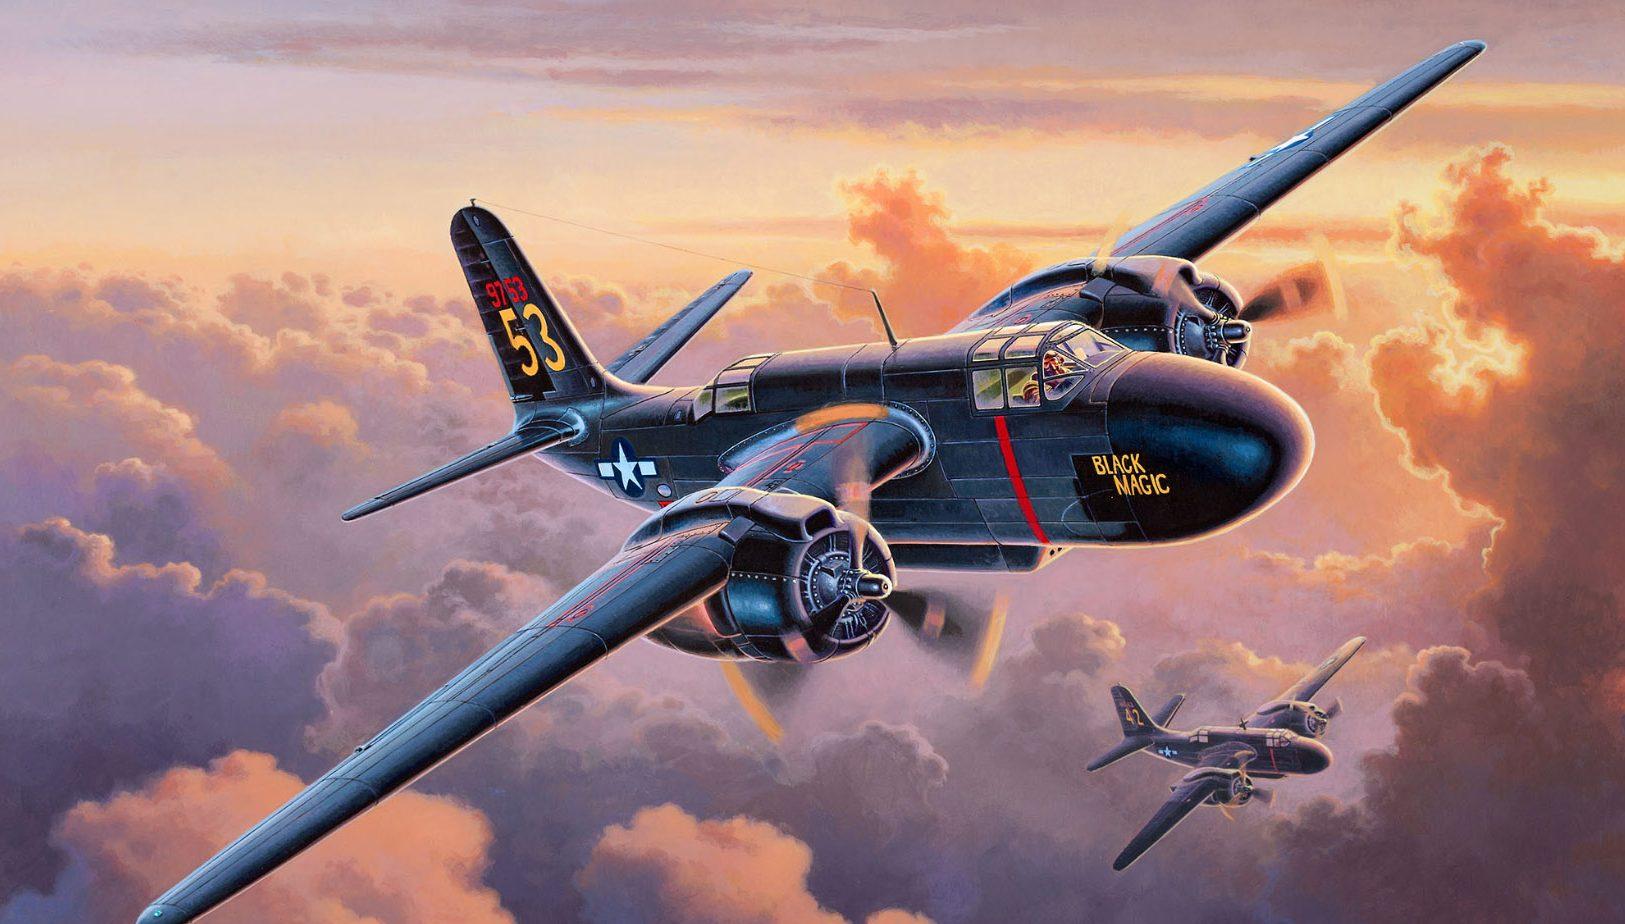 Deredos Andrzej. Ночной истребитель P-70 Nighthawk.